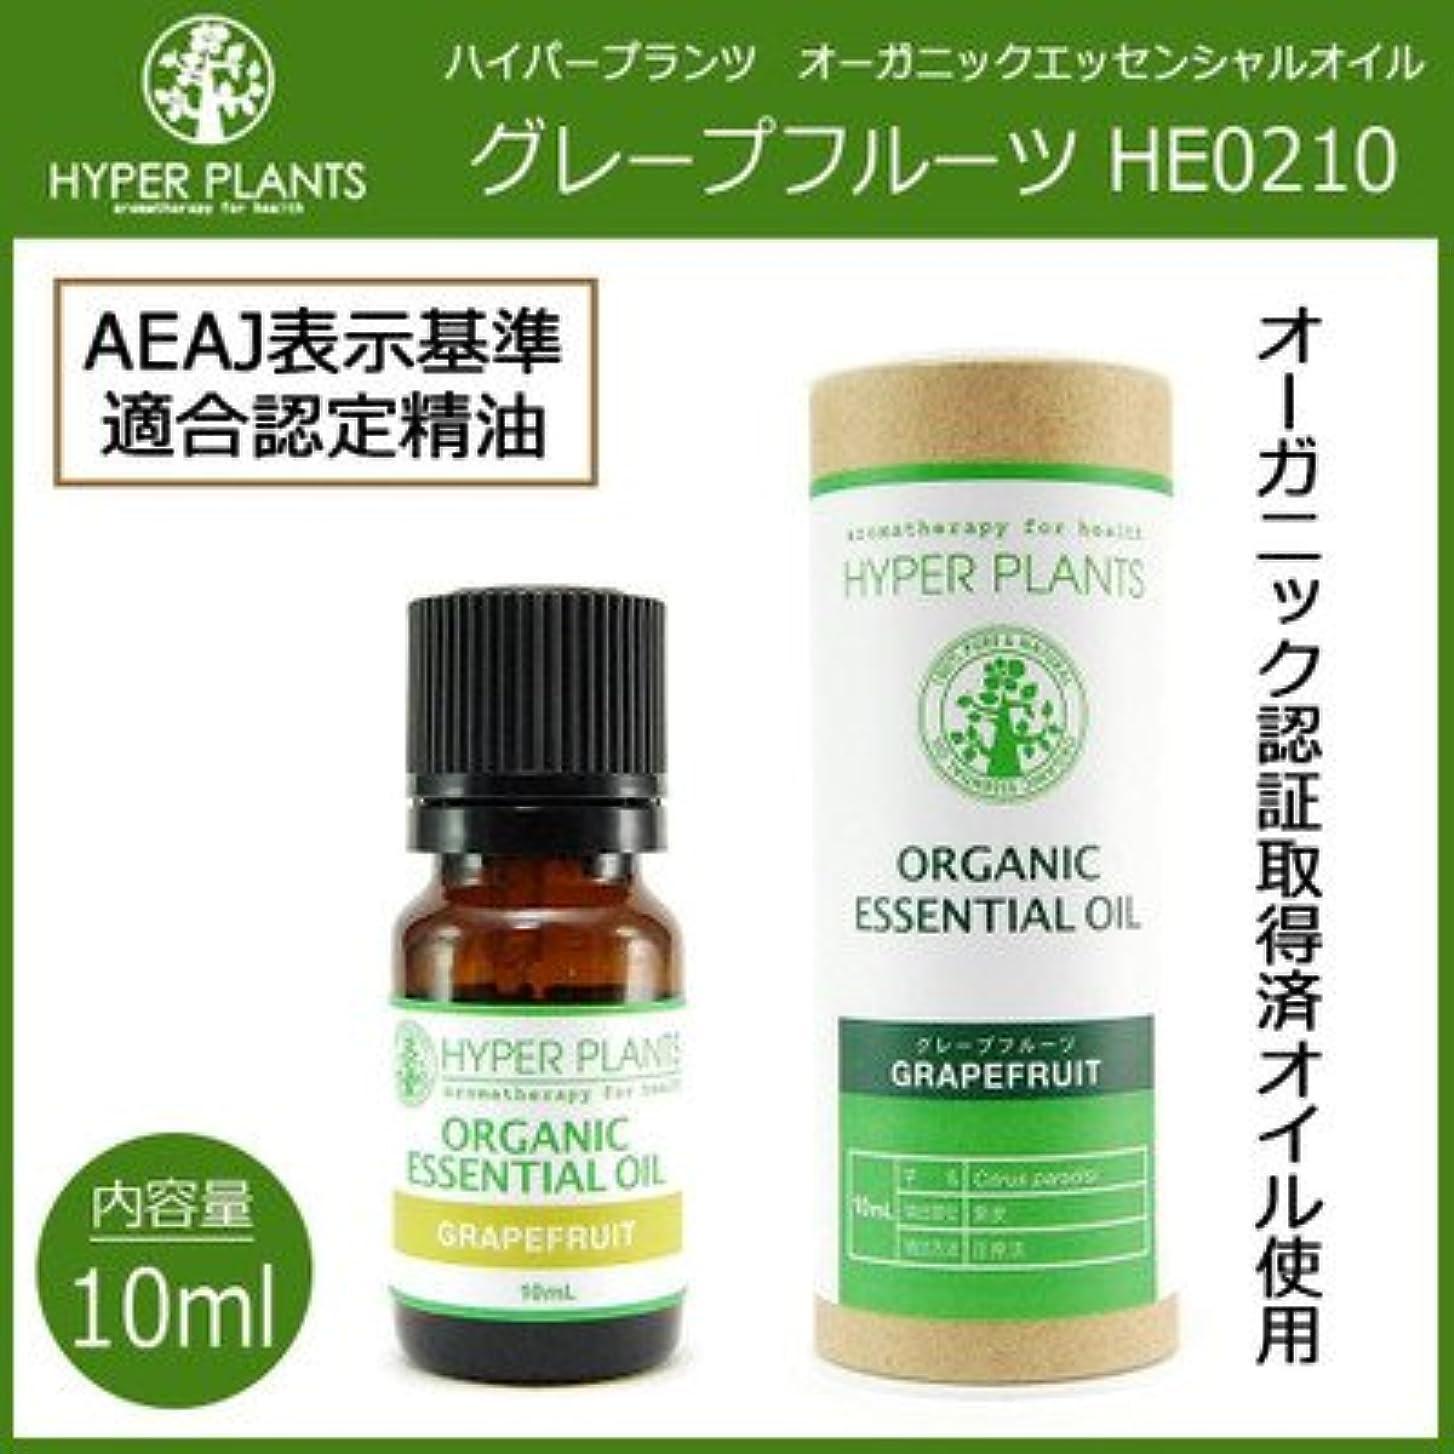 フルートフレッシュシェルター毎日の生活にアロマの香りを HYPER PLANTS ハイパープランツ オーガニックエッセンシャルオイル グレープフルーツ 10ml HE0210